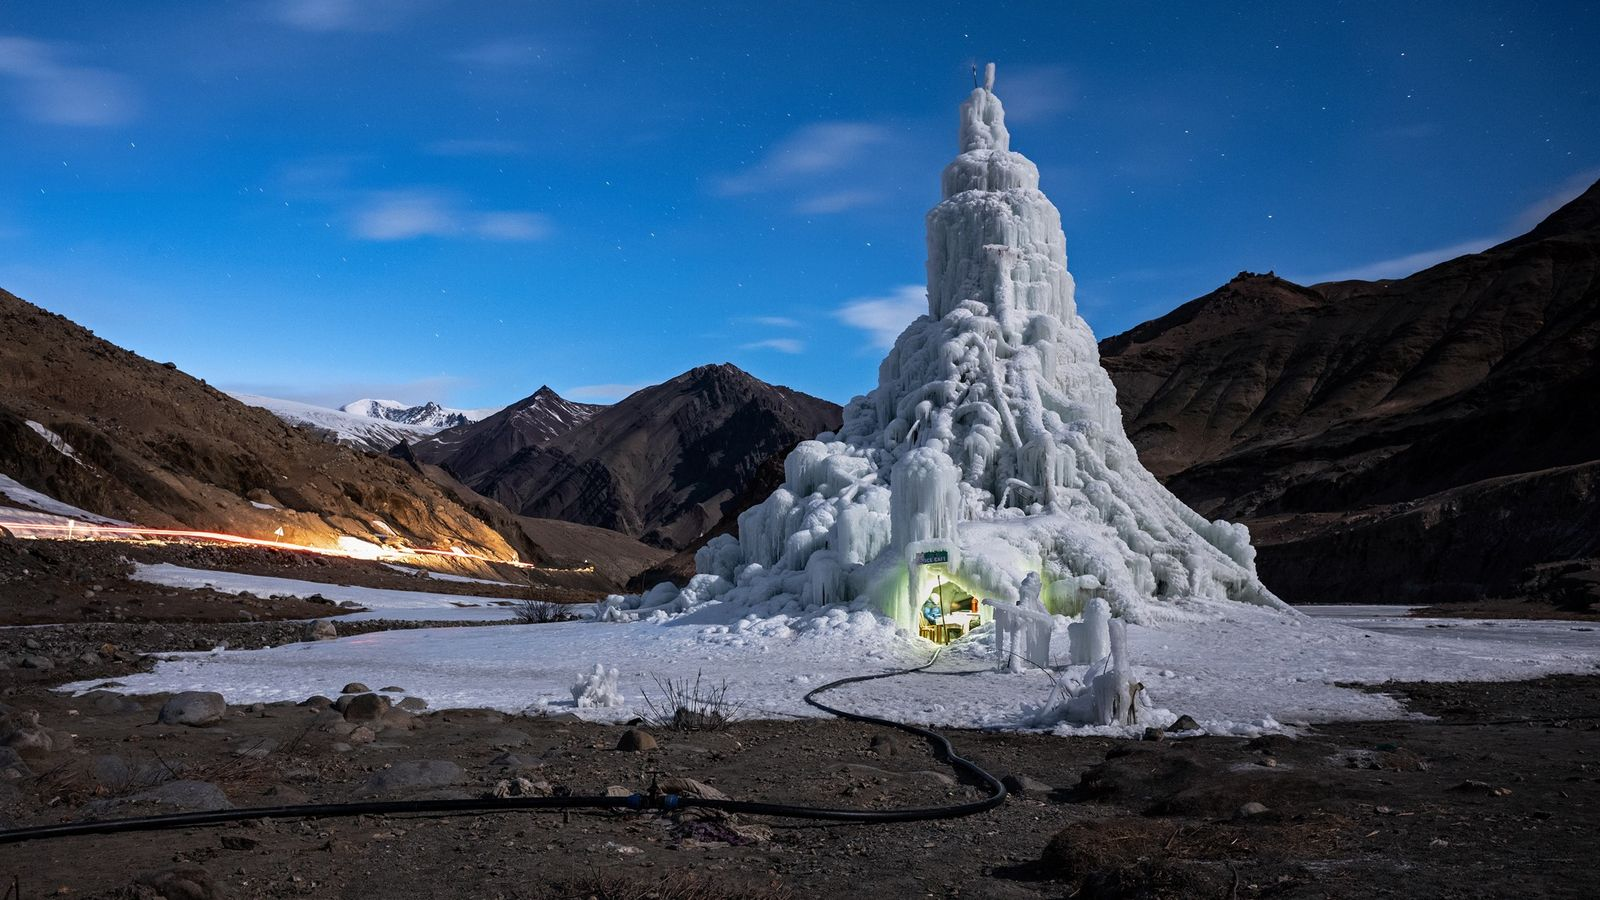 Réservoir et bar -Des stupas de glace stockent les eaux de fonte hivernales pour arroser les ...